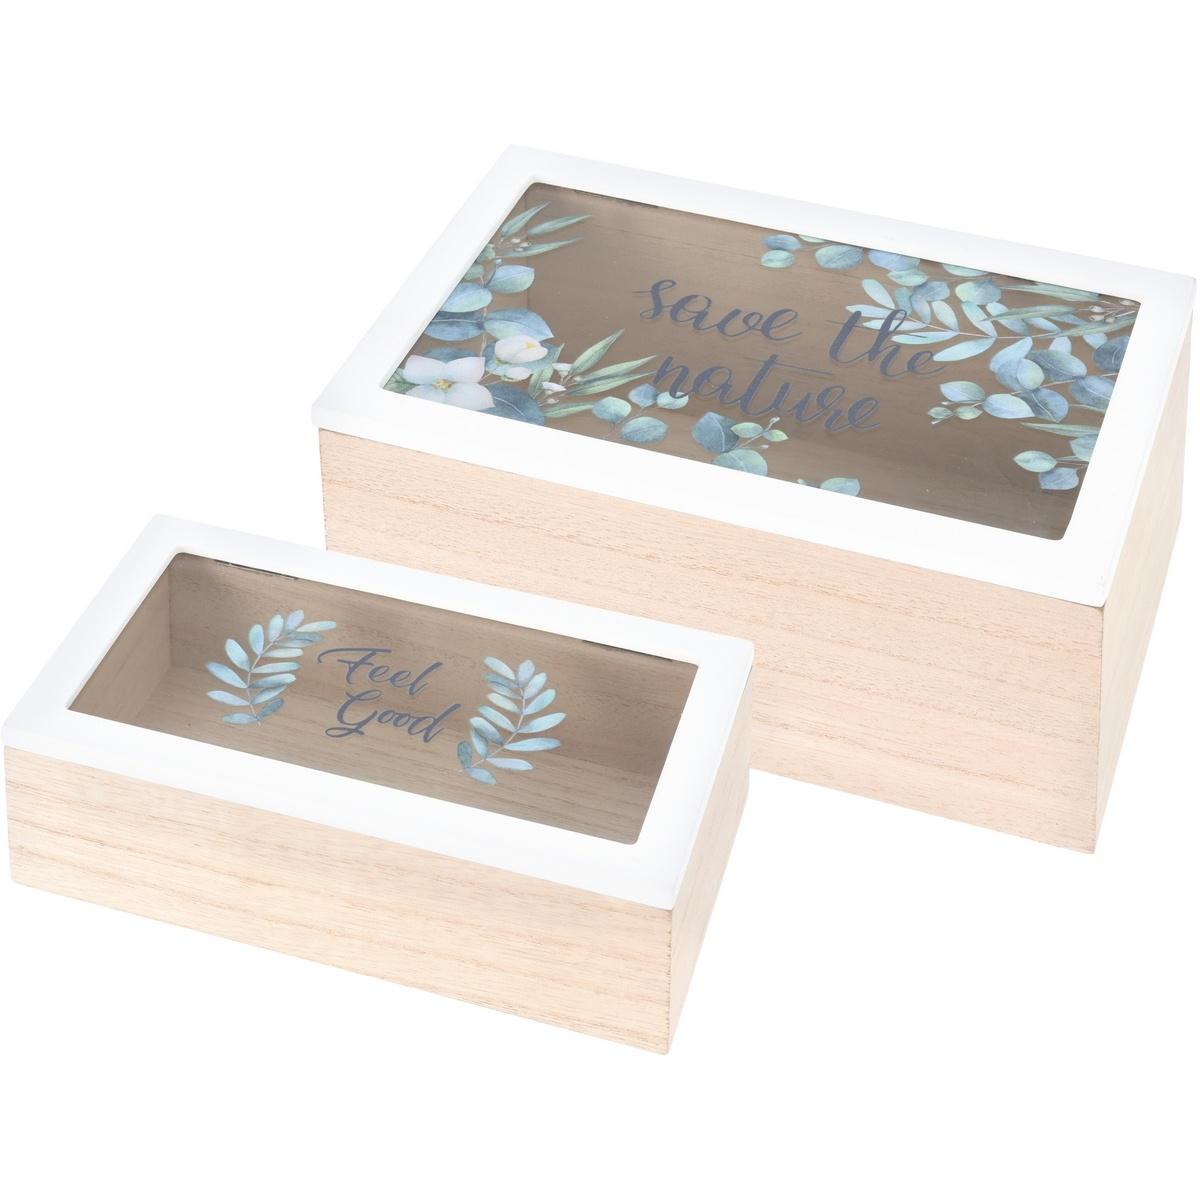 Sada dekoračních boxů se skleněným víkem Nature, 2 ks